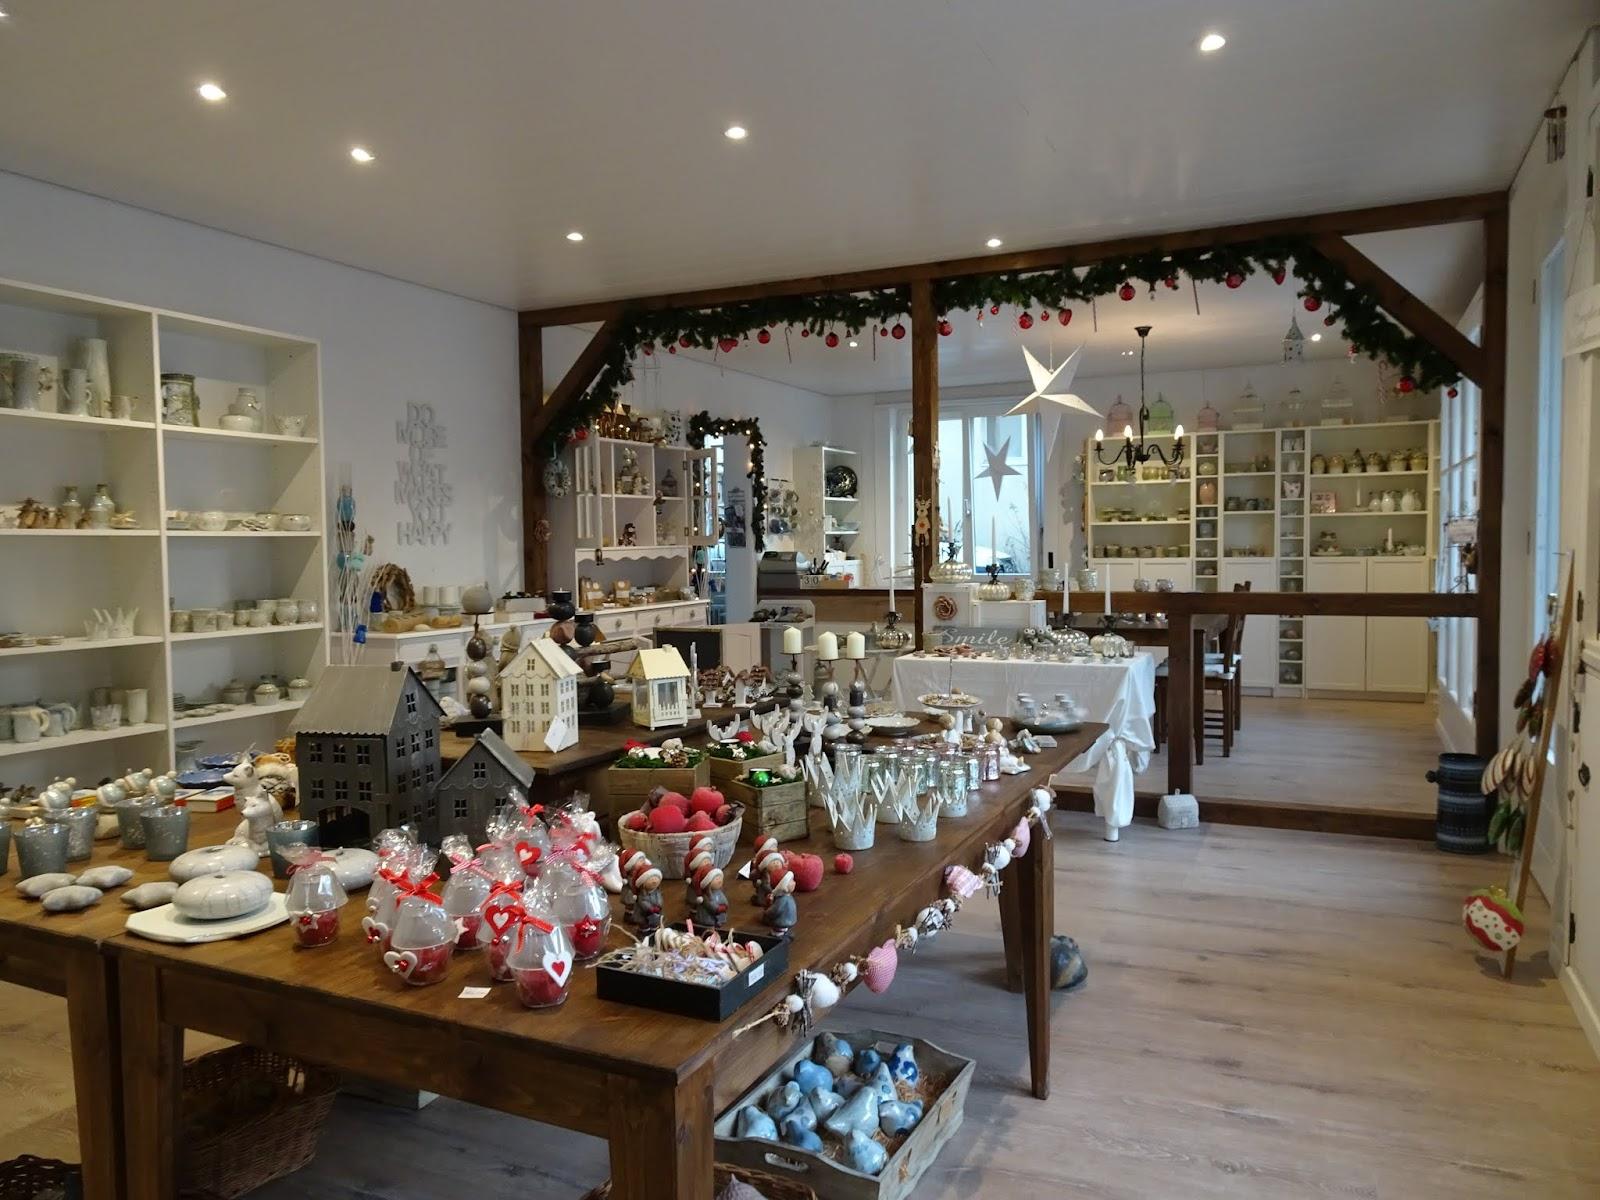 chacheli macheri weihnachtliche keramik. Black Bedroom Furniture Sets. Home Design Ideas